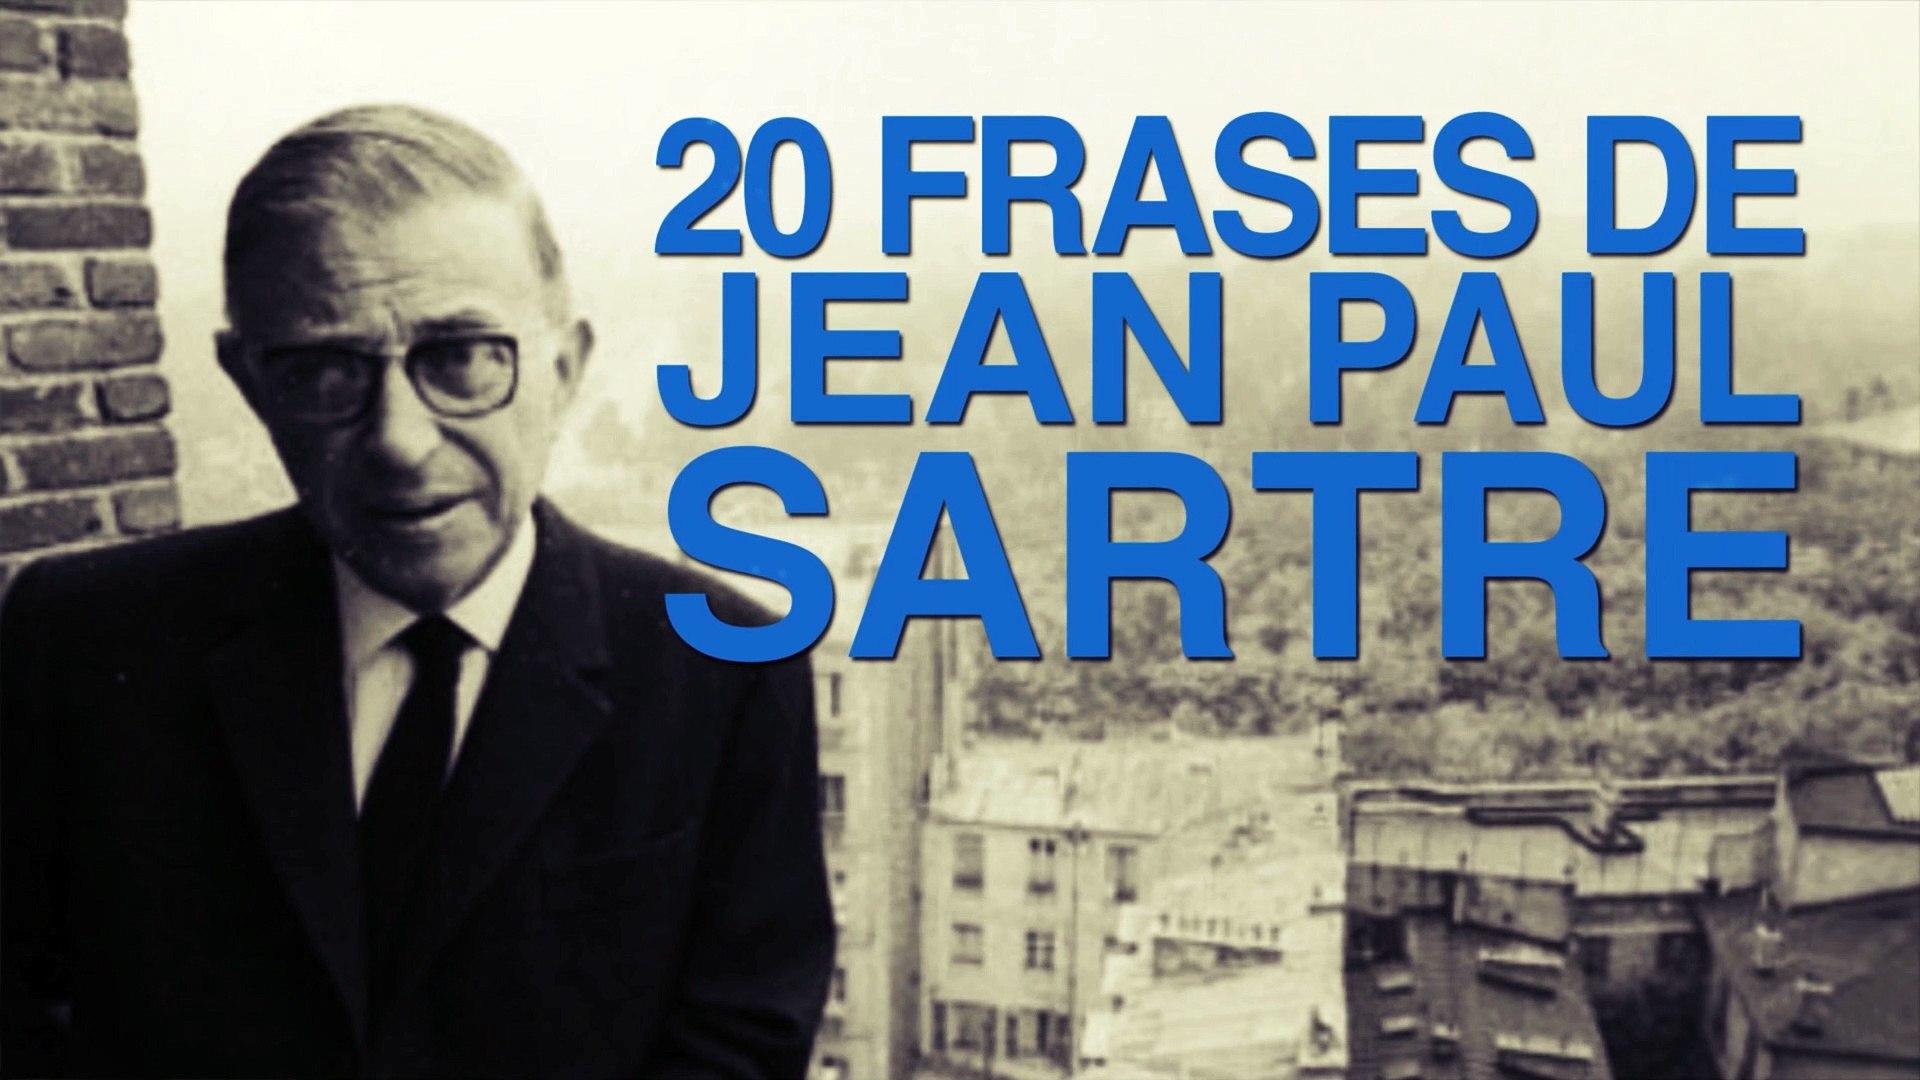 20 Frases De Jean Paul Sartre Y La Filosofía Existencialista